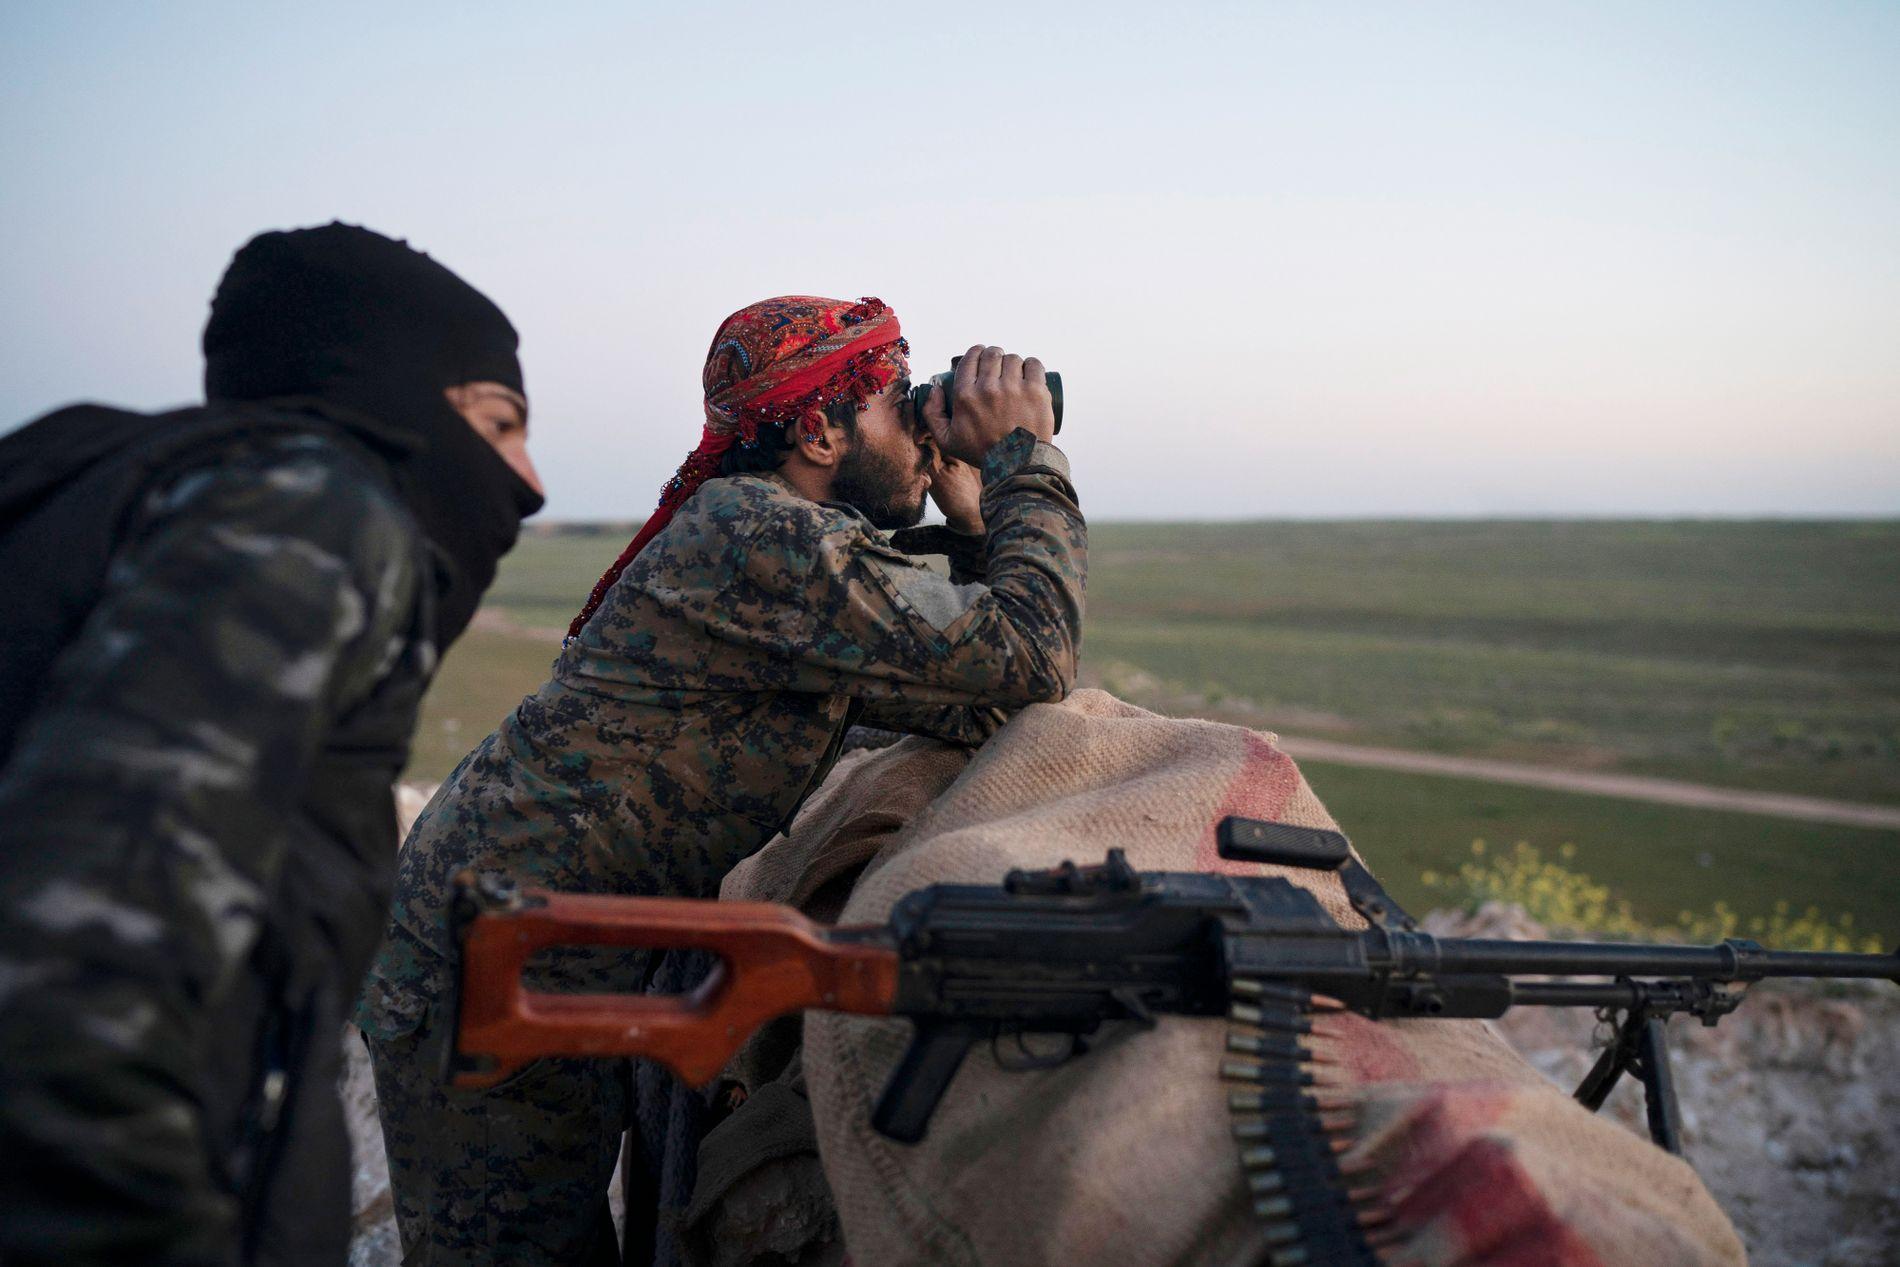 FLYANGREP: Krigere fra SDF følger med på et fly-angrep mot områder som IS fremdeles kontrollerer.